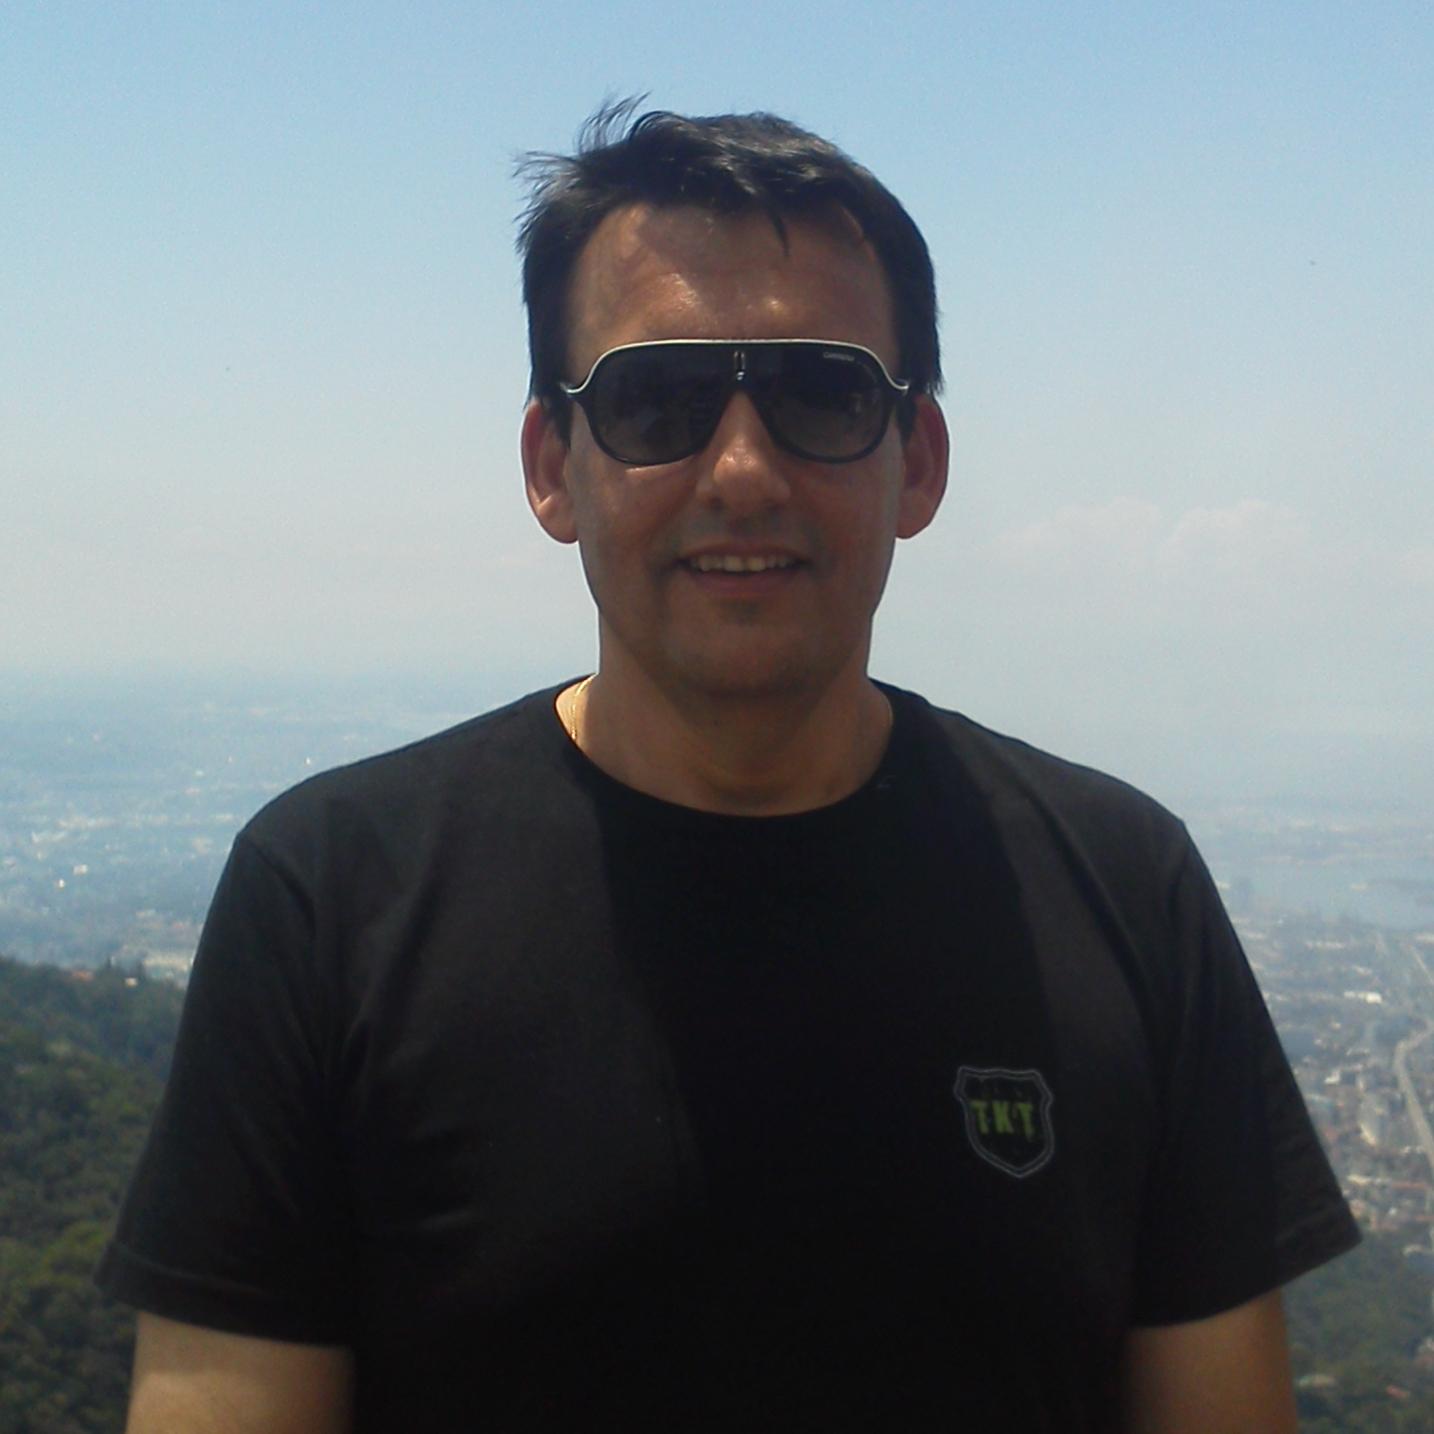 Luiz Ricardo da Costa